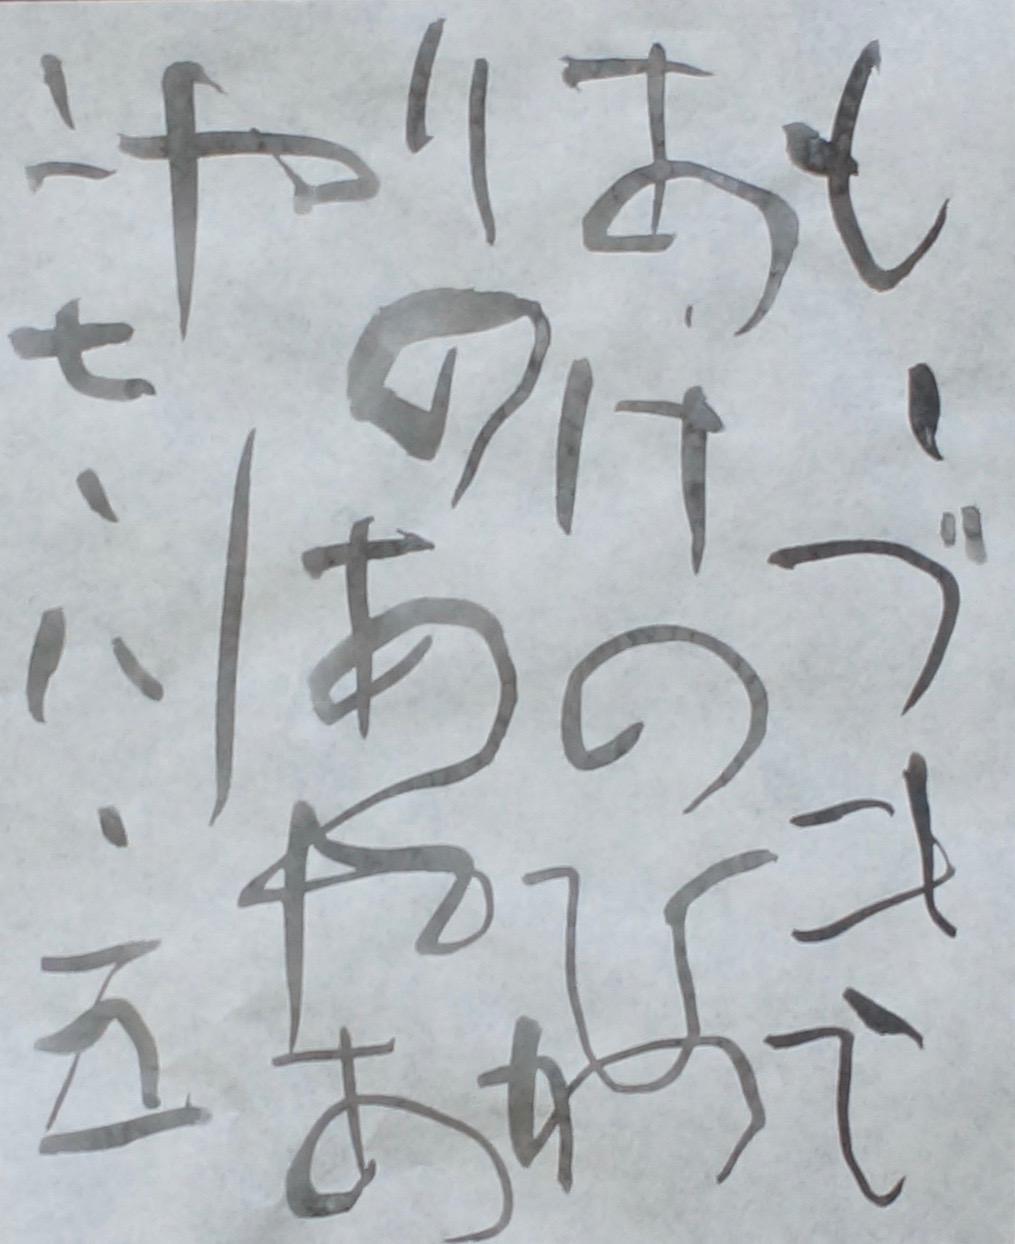 朝歌8月5日_c0169176_815089.jpg